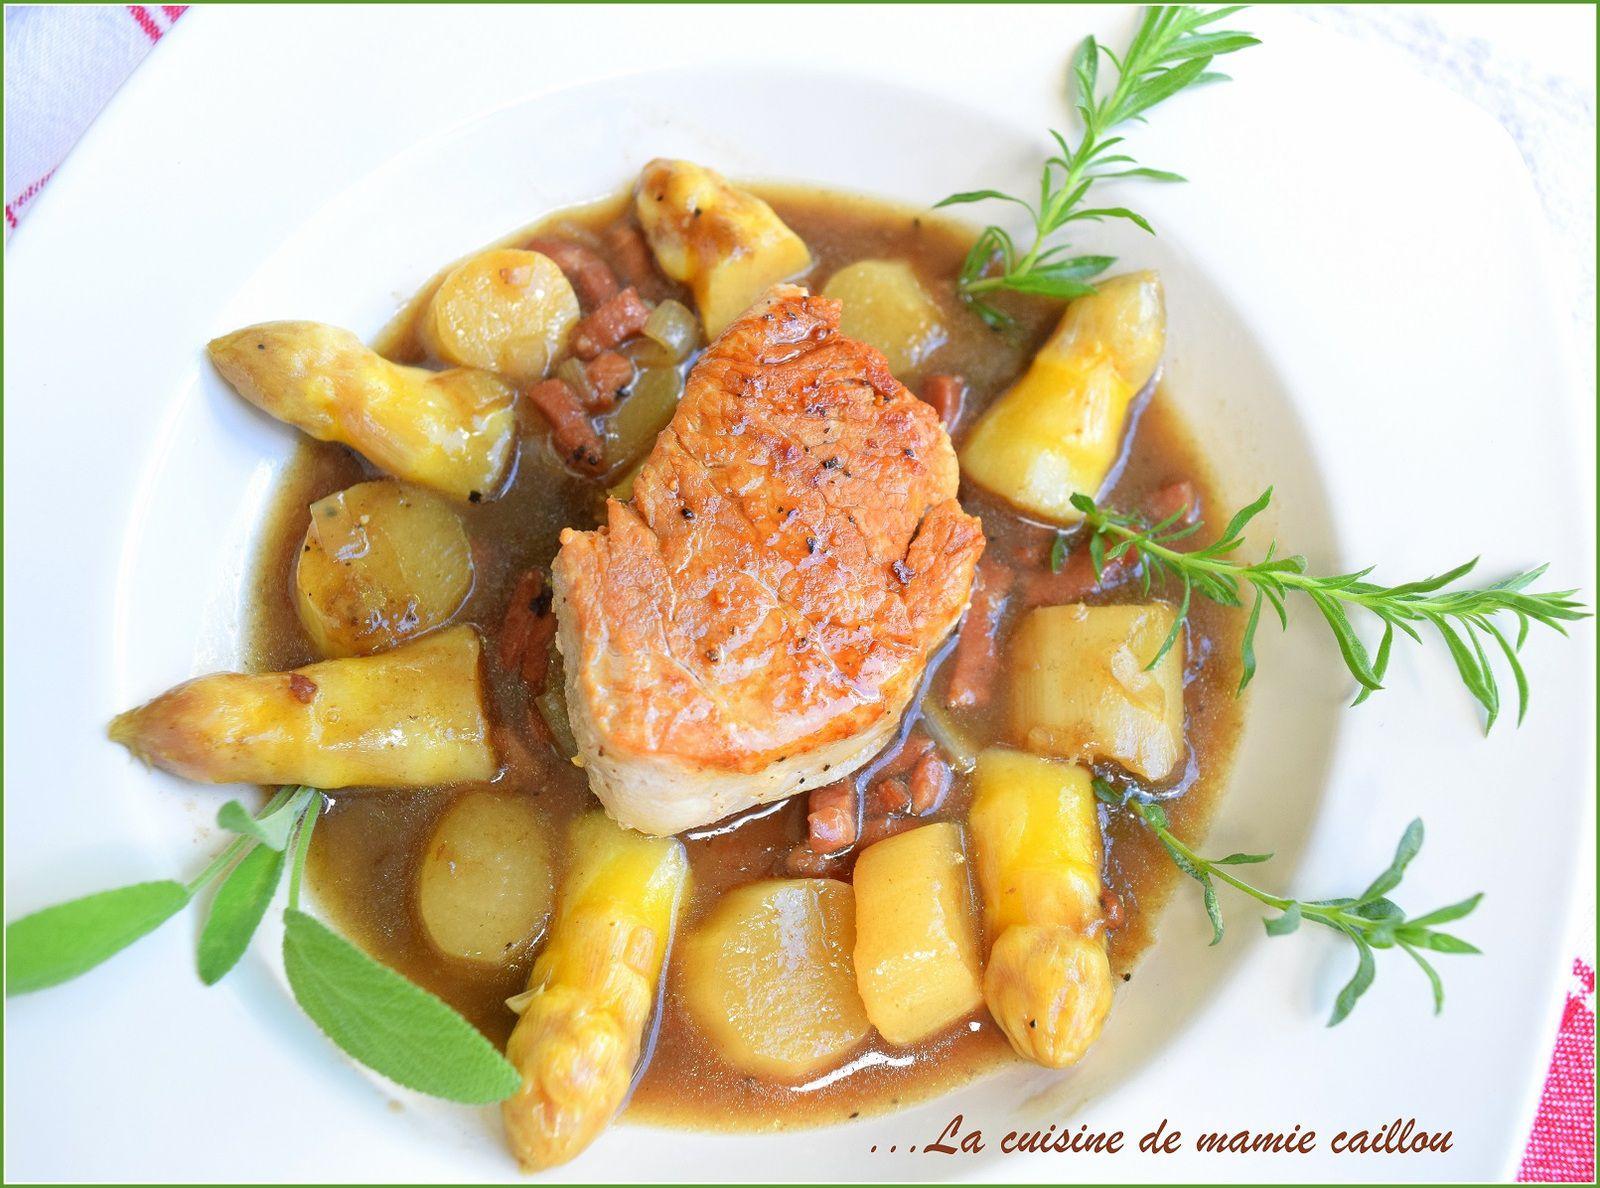 Arperges en sauce madère ou sauce d'asperges au madère ...c'est à vous de voir !